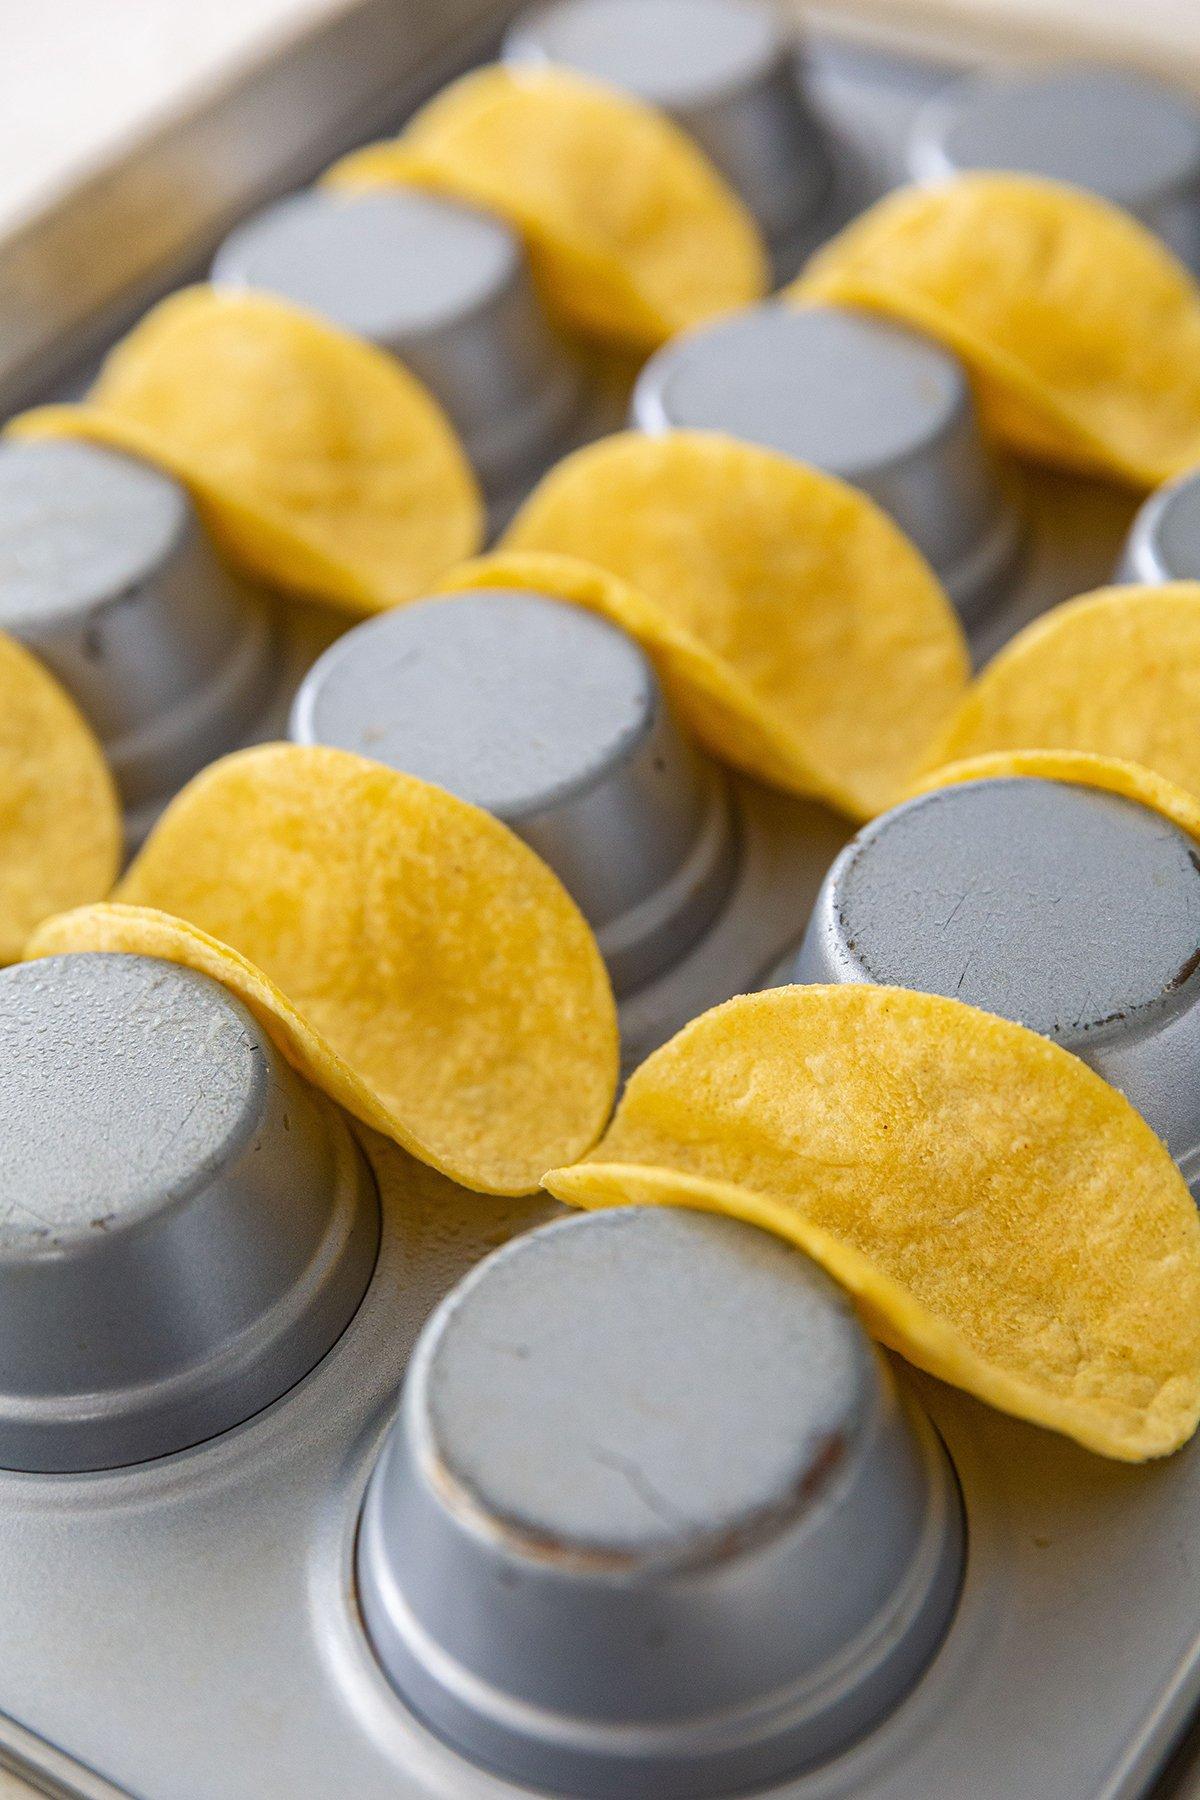 How to Make Mini Tacos